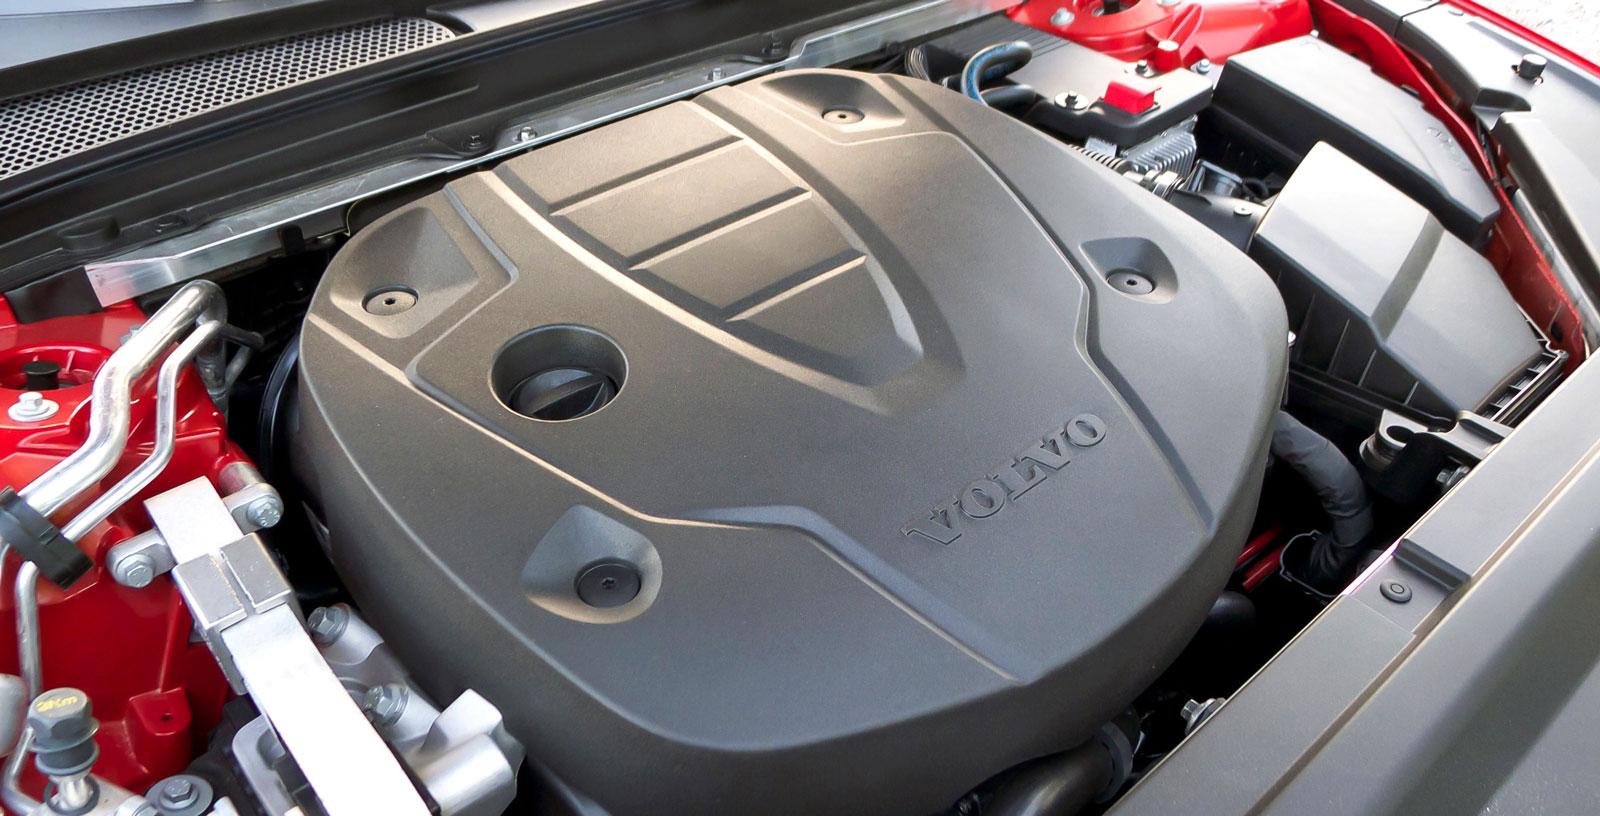 Volvos maskin känns frisk men arbetar inte riktigt lika vibrationsdämpat eller tyst som de båda tyska konkurrenternas.